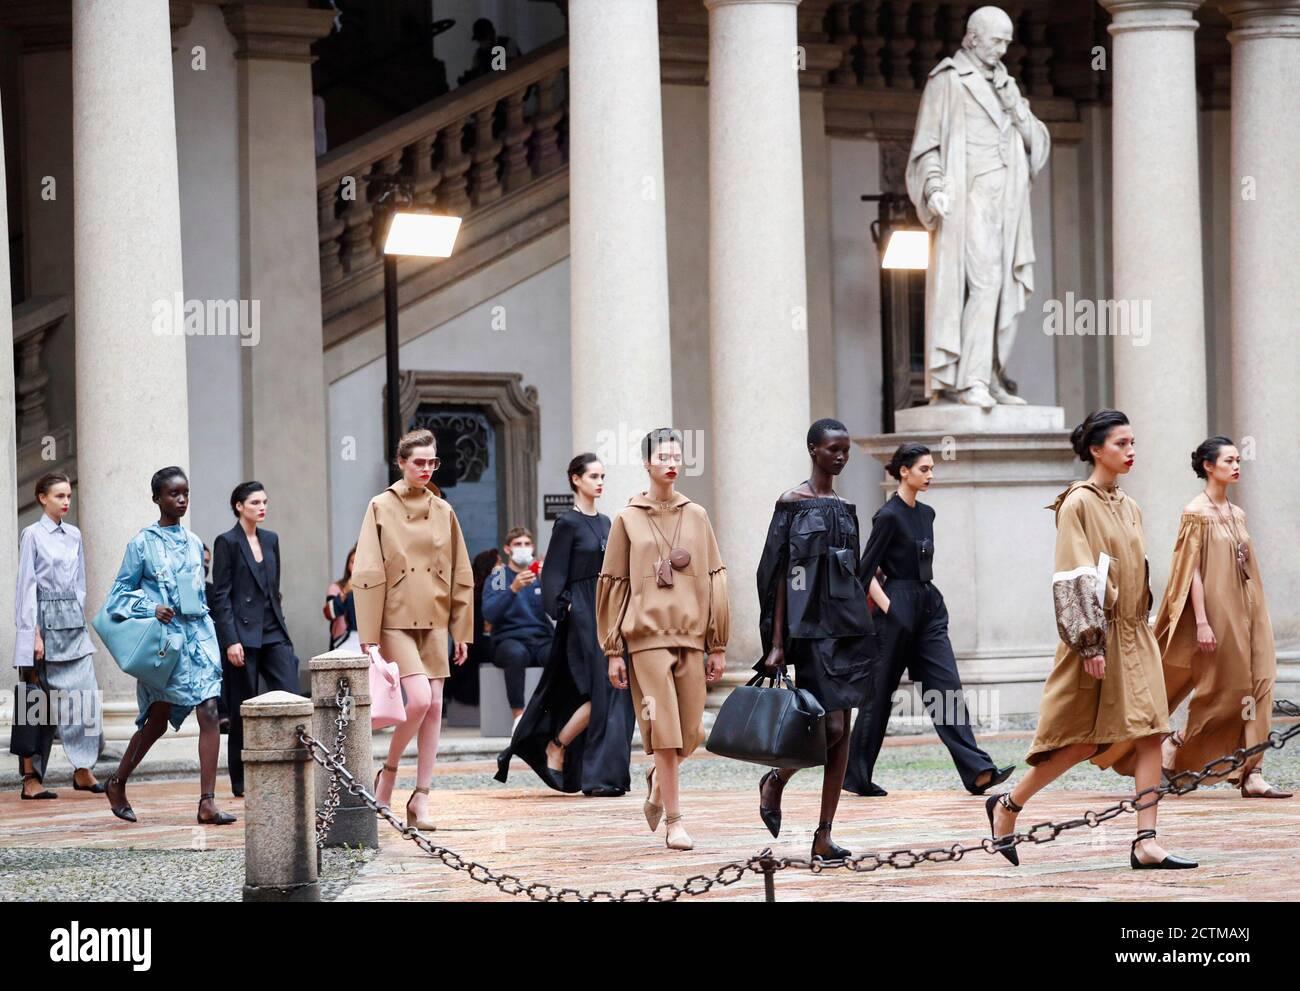 Les modèles présentent des créations de la collection Max Mara Printemps/été 2021 pour femmes pendant la semaine de la mode à Milan, Italie, le 24 septembre 2020. REUTERS/Alessandro Garofalo Banque D'Images